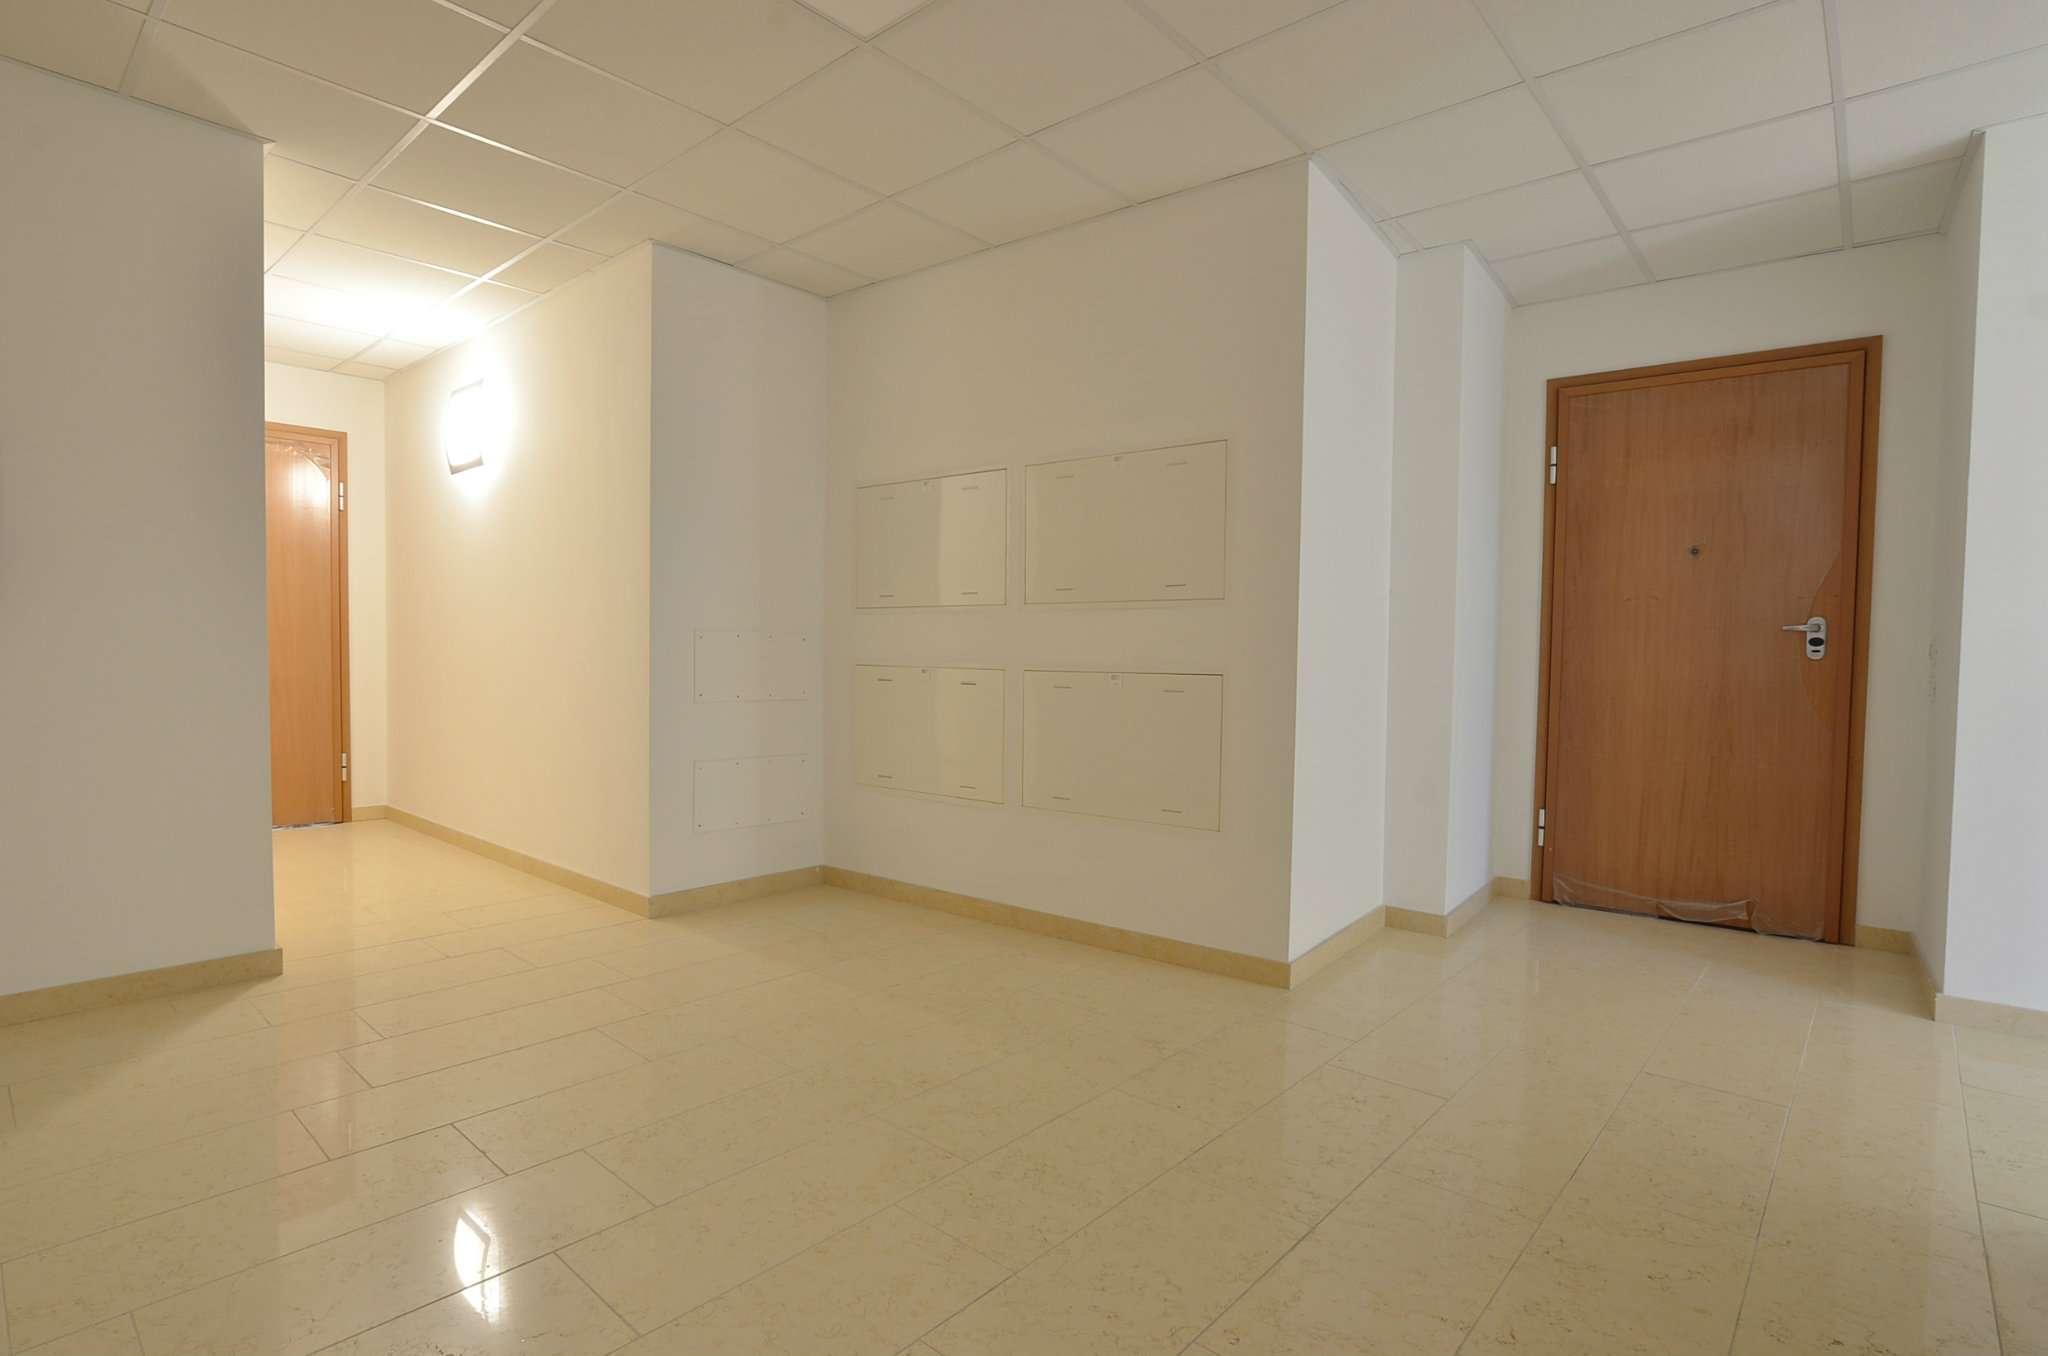 Ufficio / Studio in affitto a Terno d'Isola, 2 locali, prezzo € 700 | CambioCasa.it